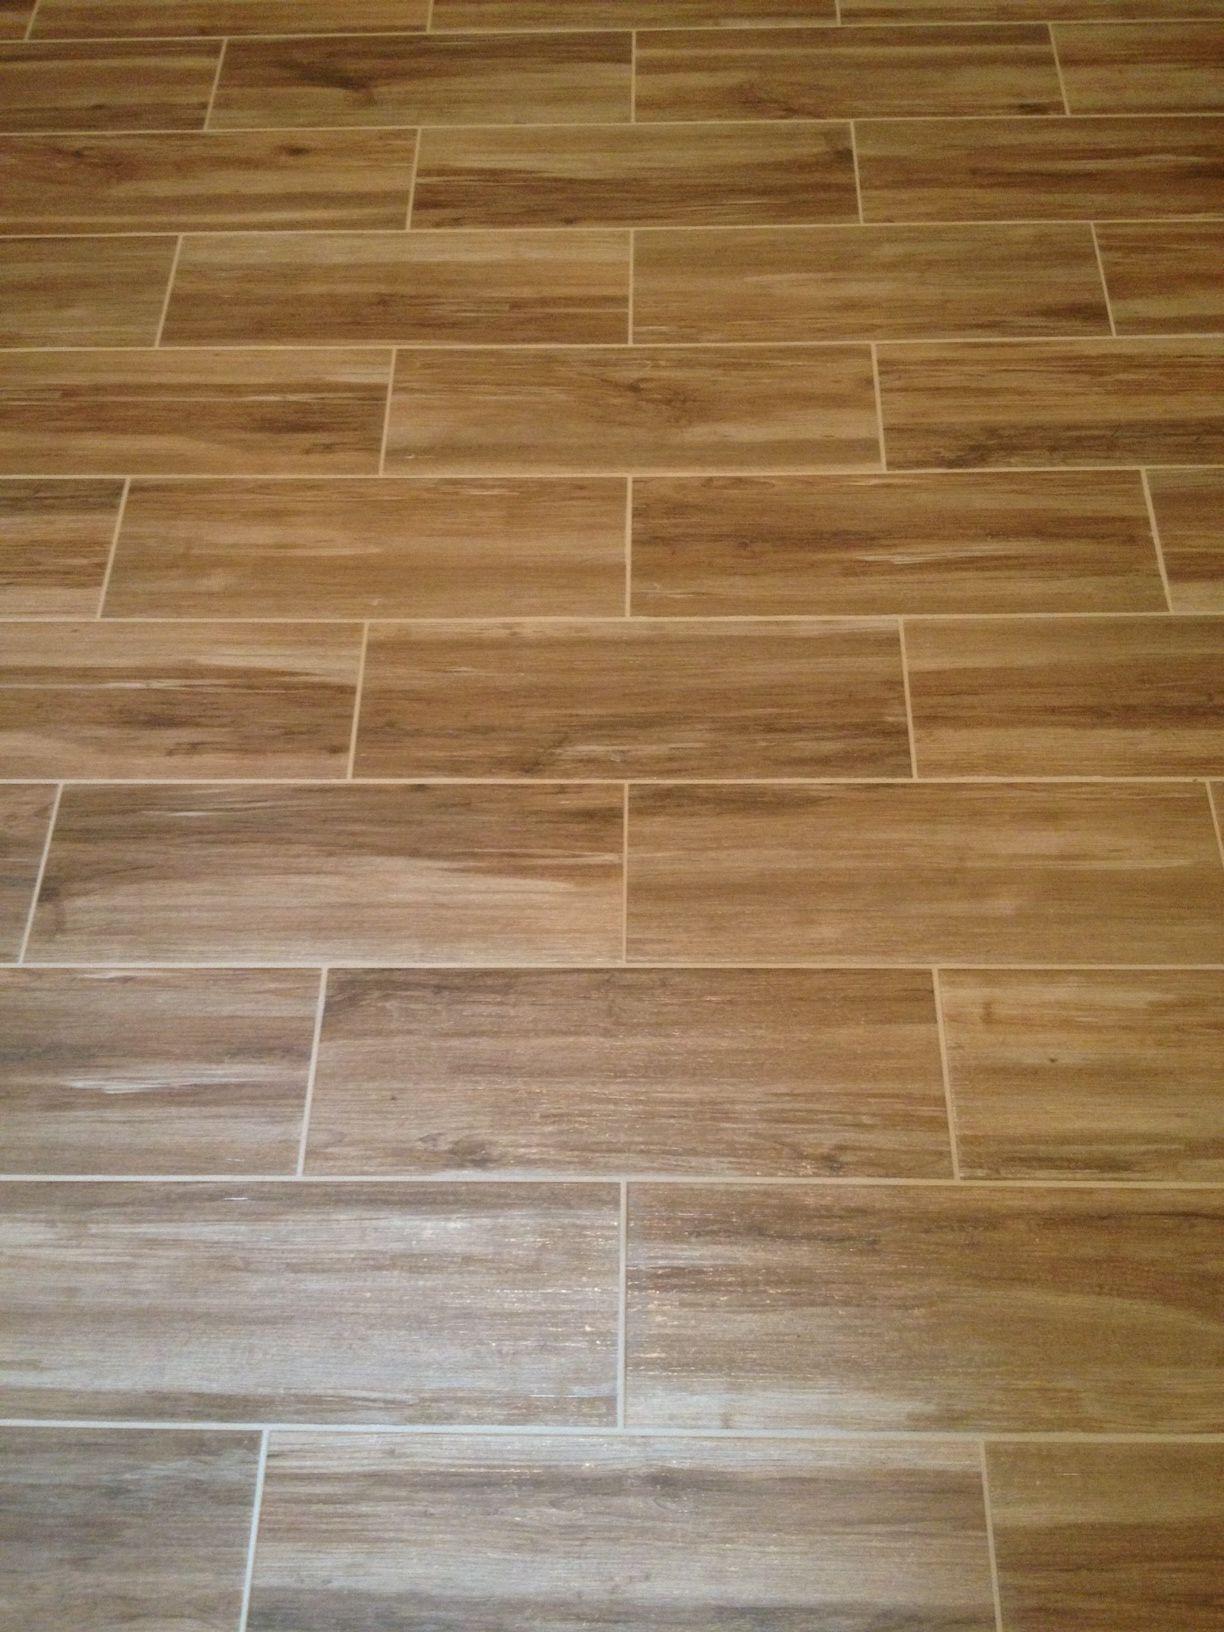 Wood Porcelain Plank Tile Home Remodel Pinterest